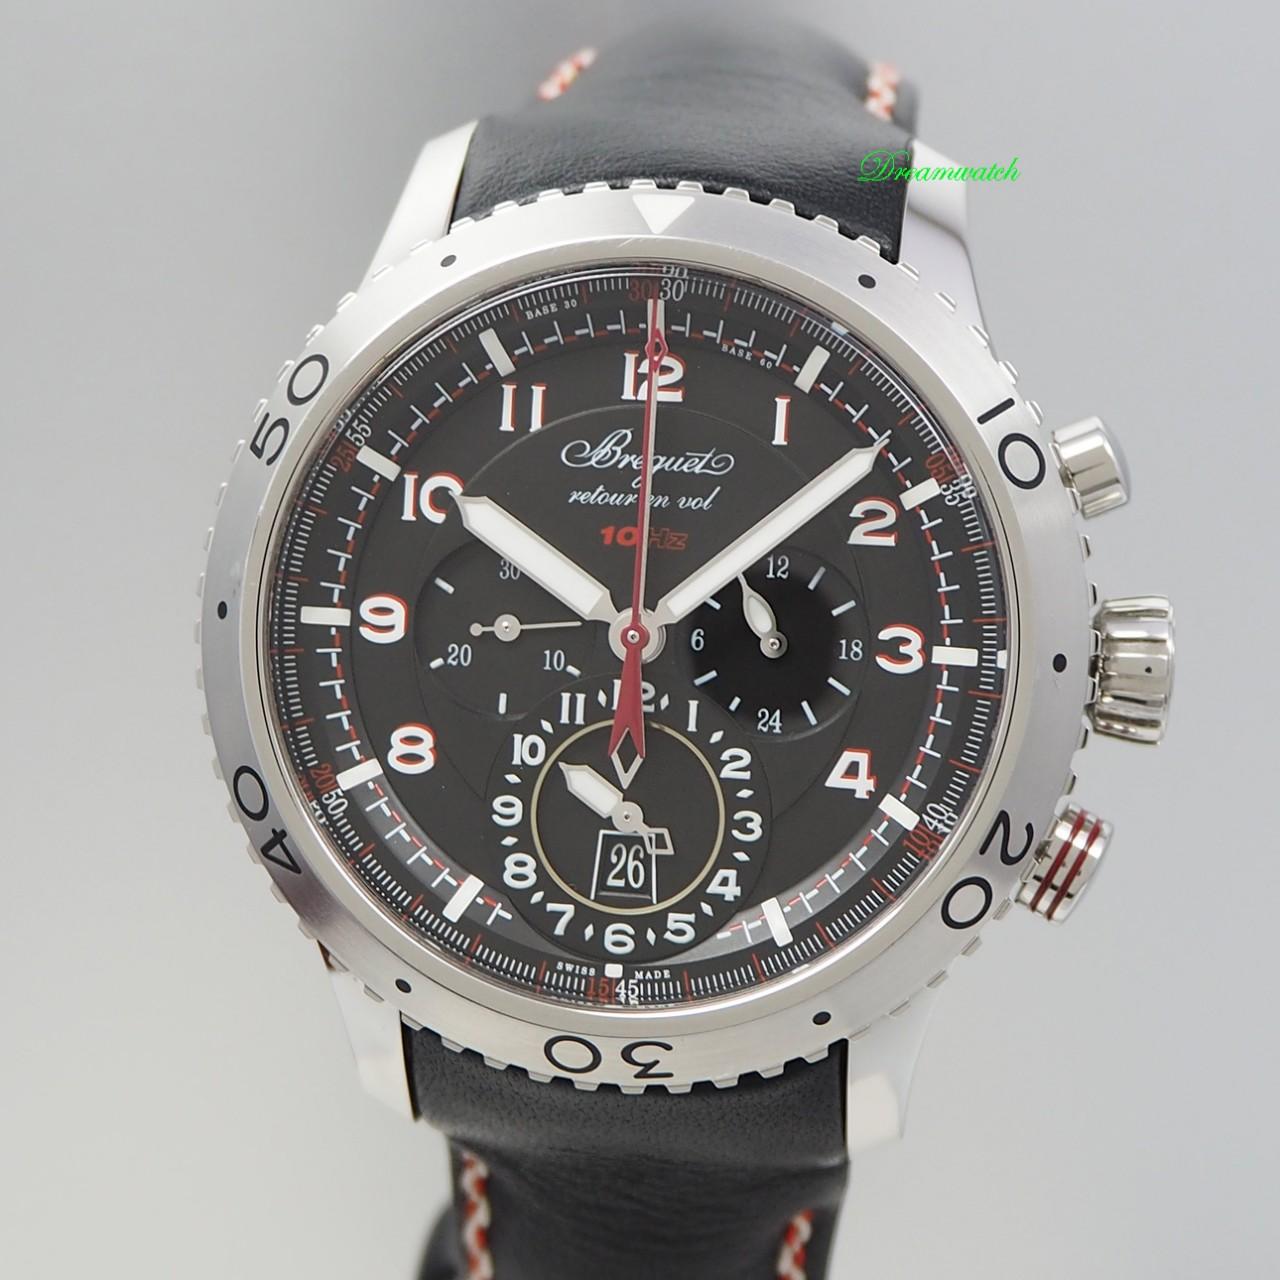 Breguet Type XXII Chronograph Flyback 3880,10HZ / 2016, F, Full Set - deutsche Uhr